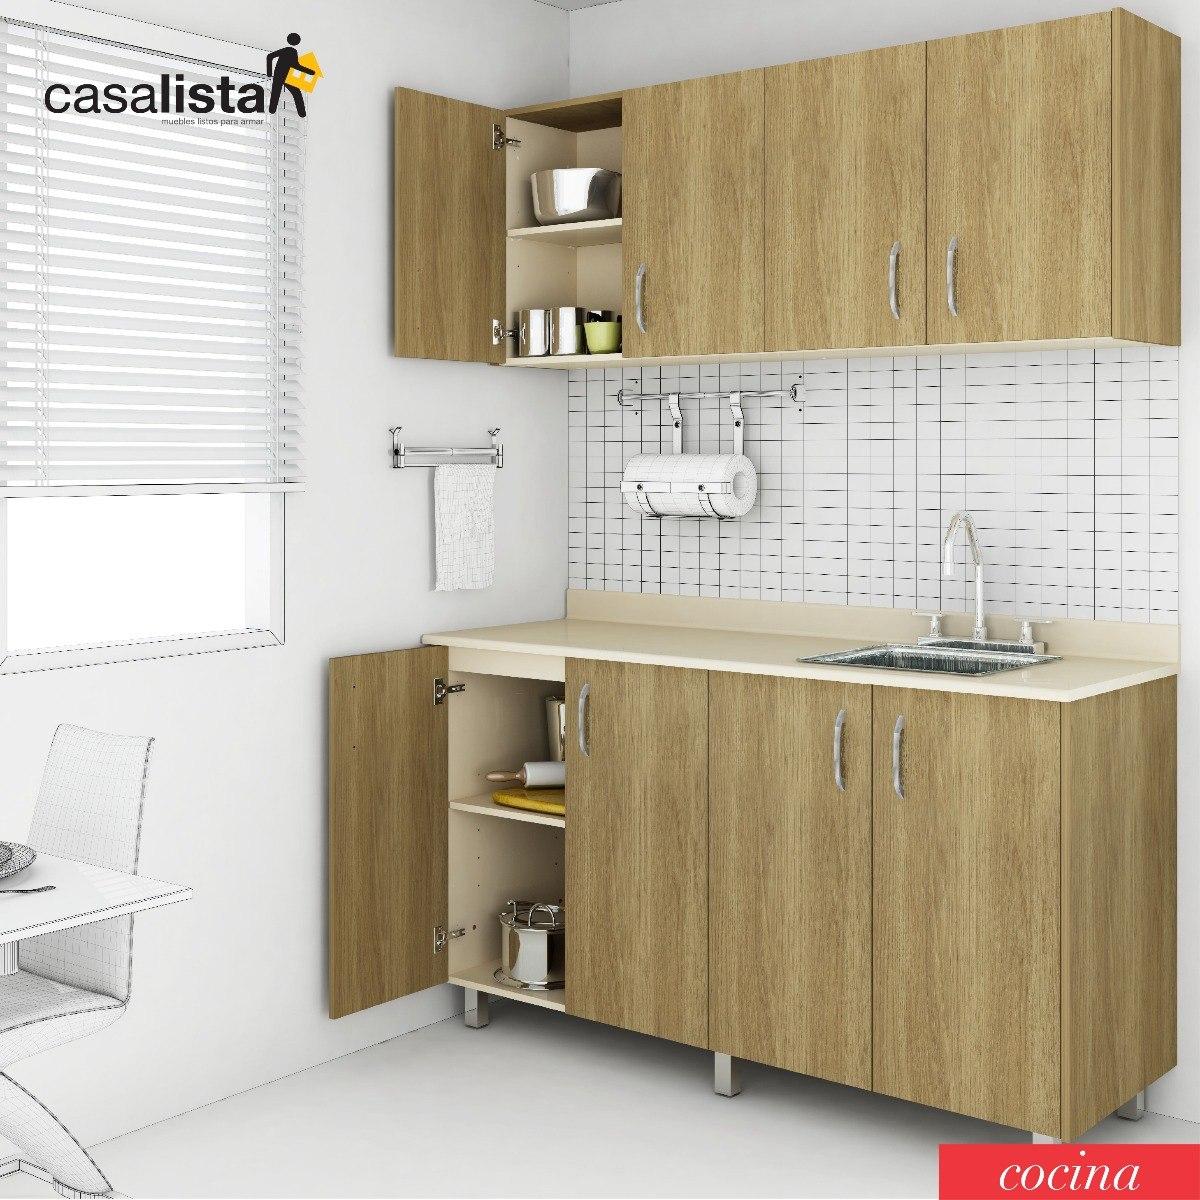 Cocina Modular 1,50 Mts Casalista® Cocina - Bs. 228.600.000,00 en ...